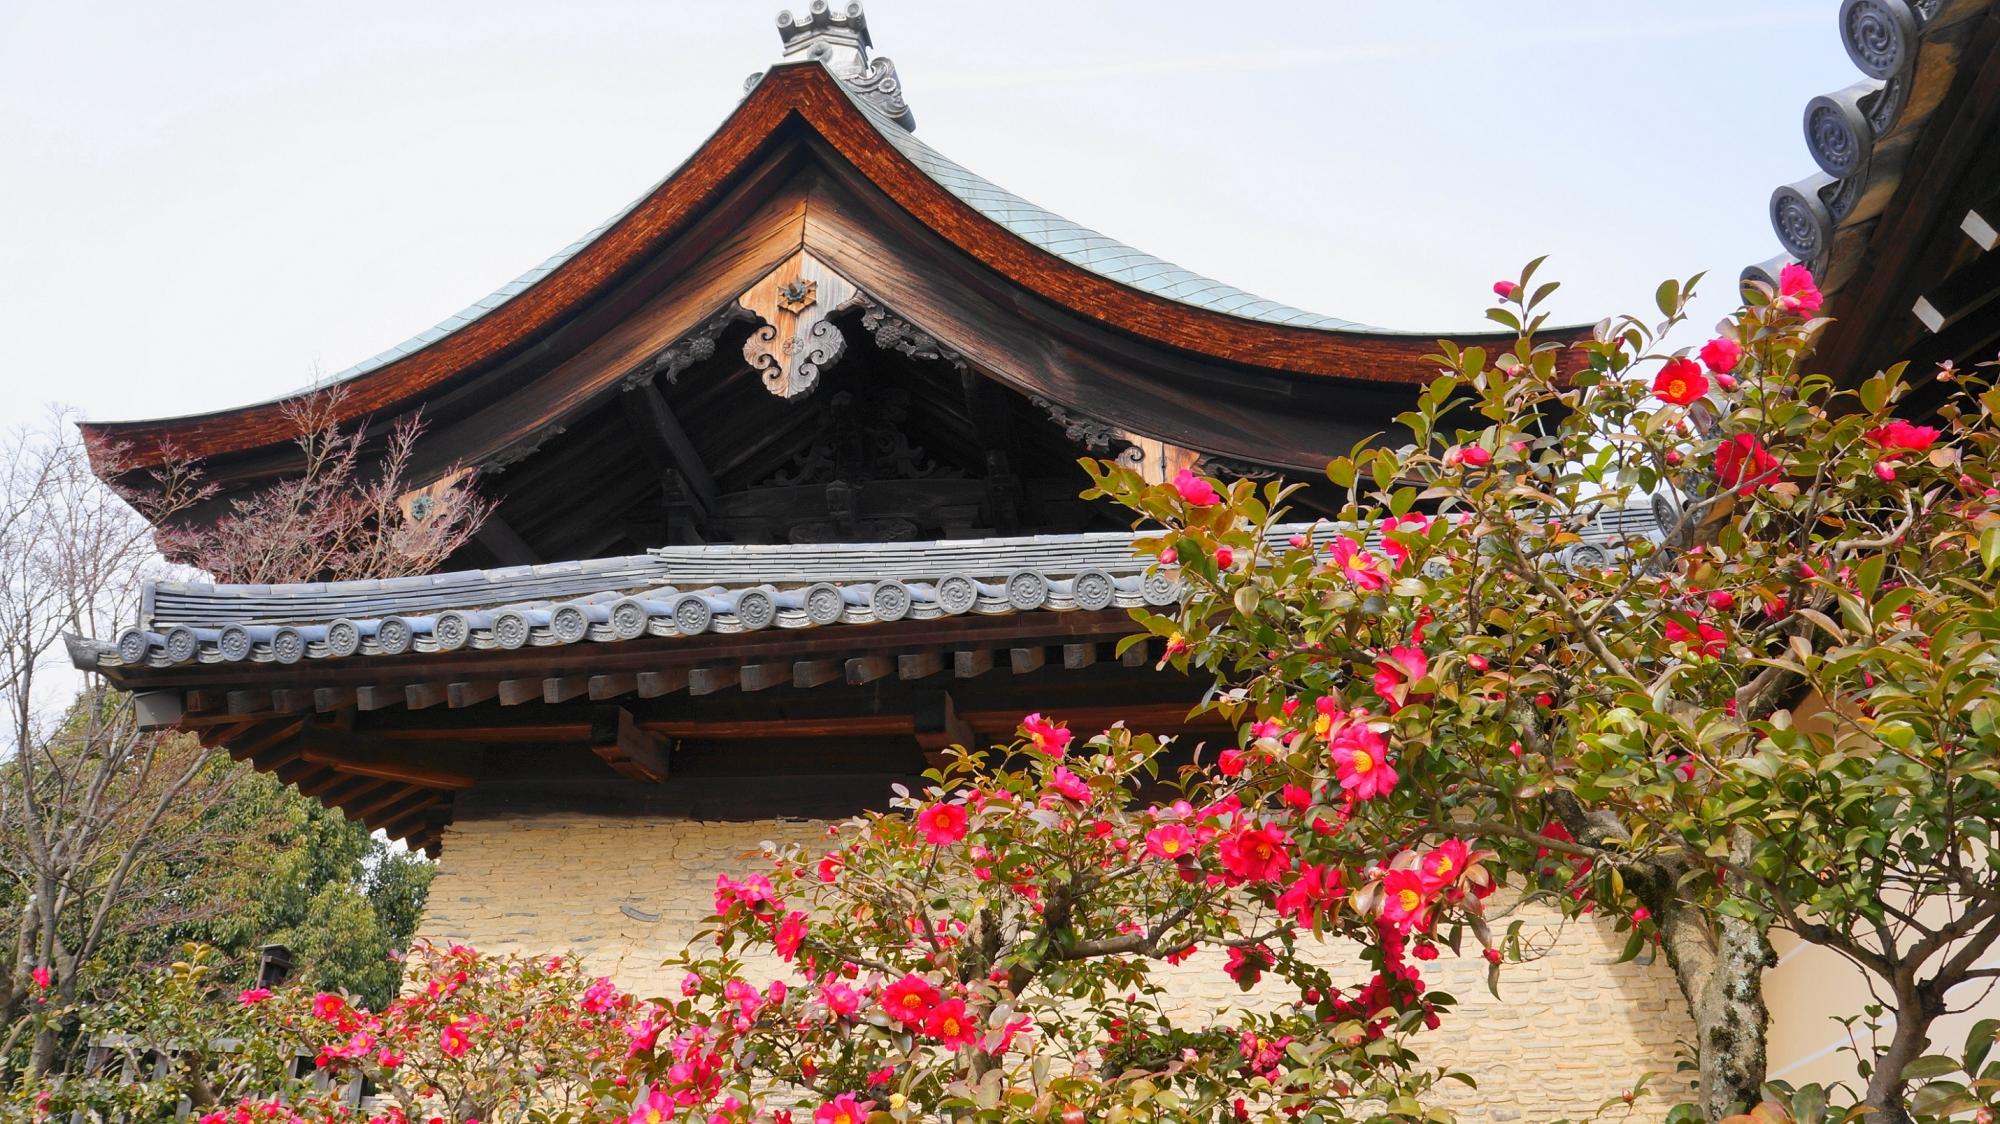 華やかさの中にも風情が感じられる冬の天龍寺のサザンカ